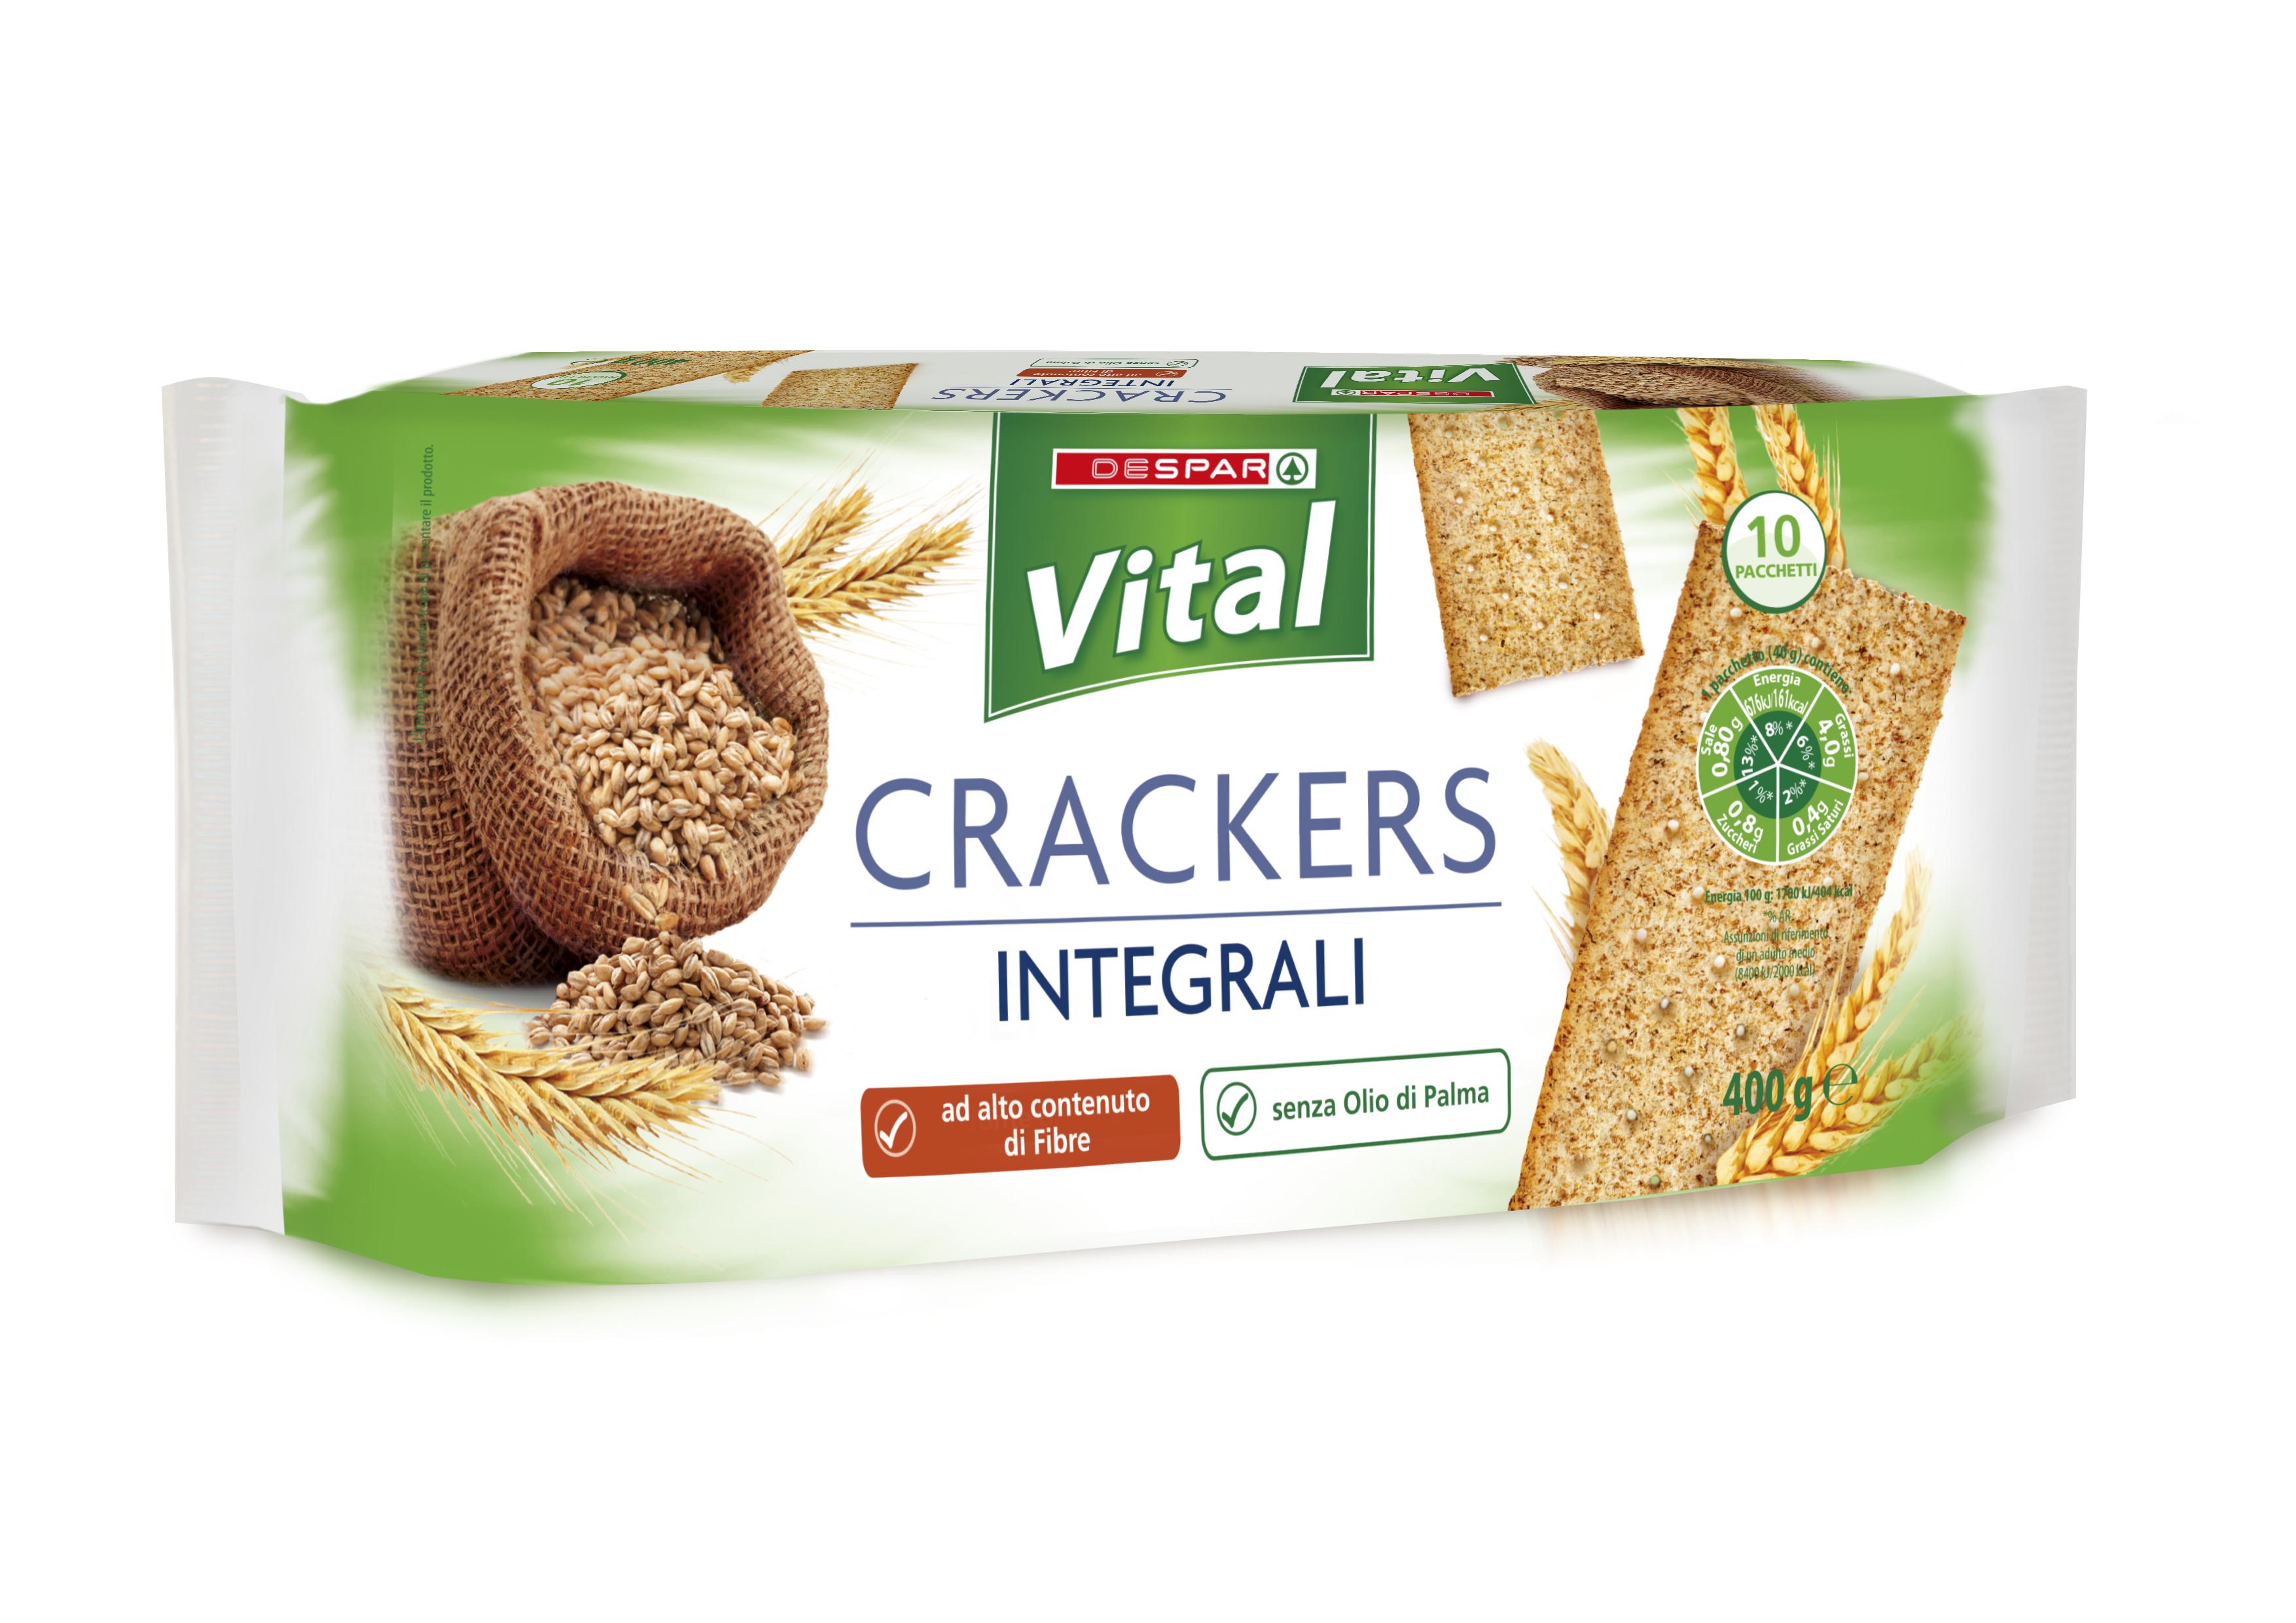 CRACKERS INTEGRALI VITAL 400G EXTRA FIBR